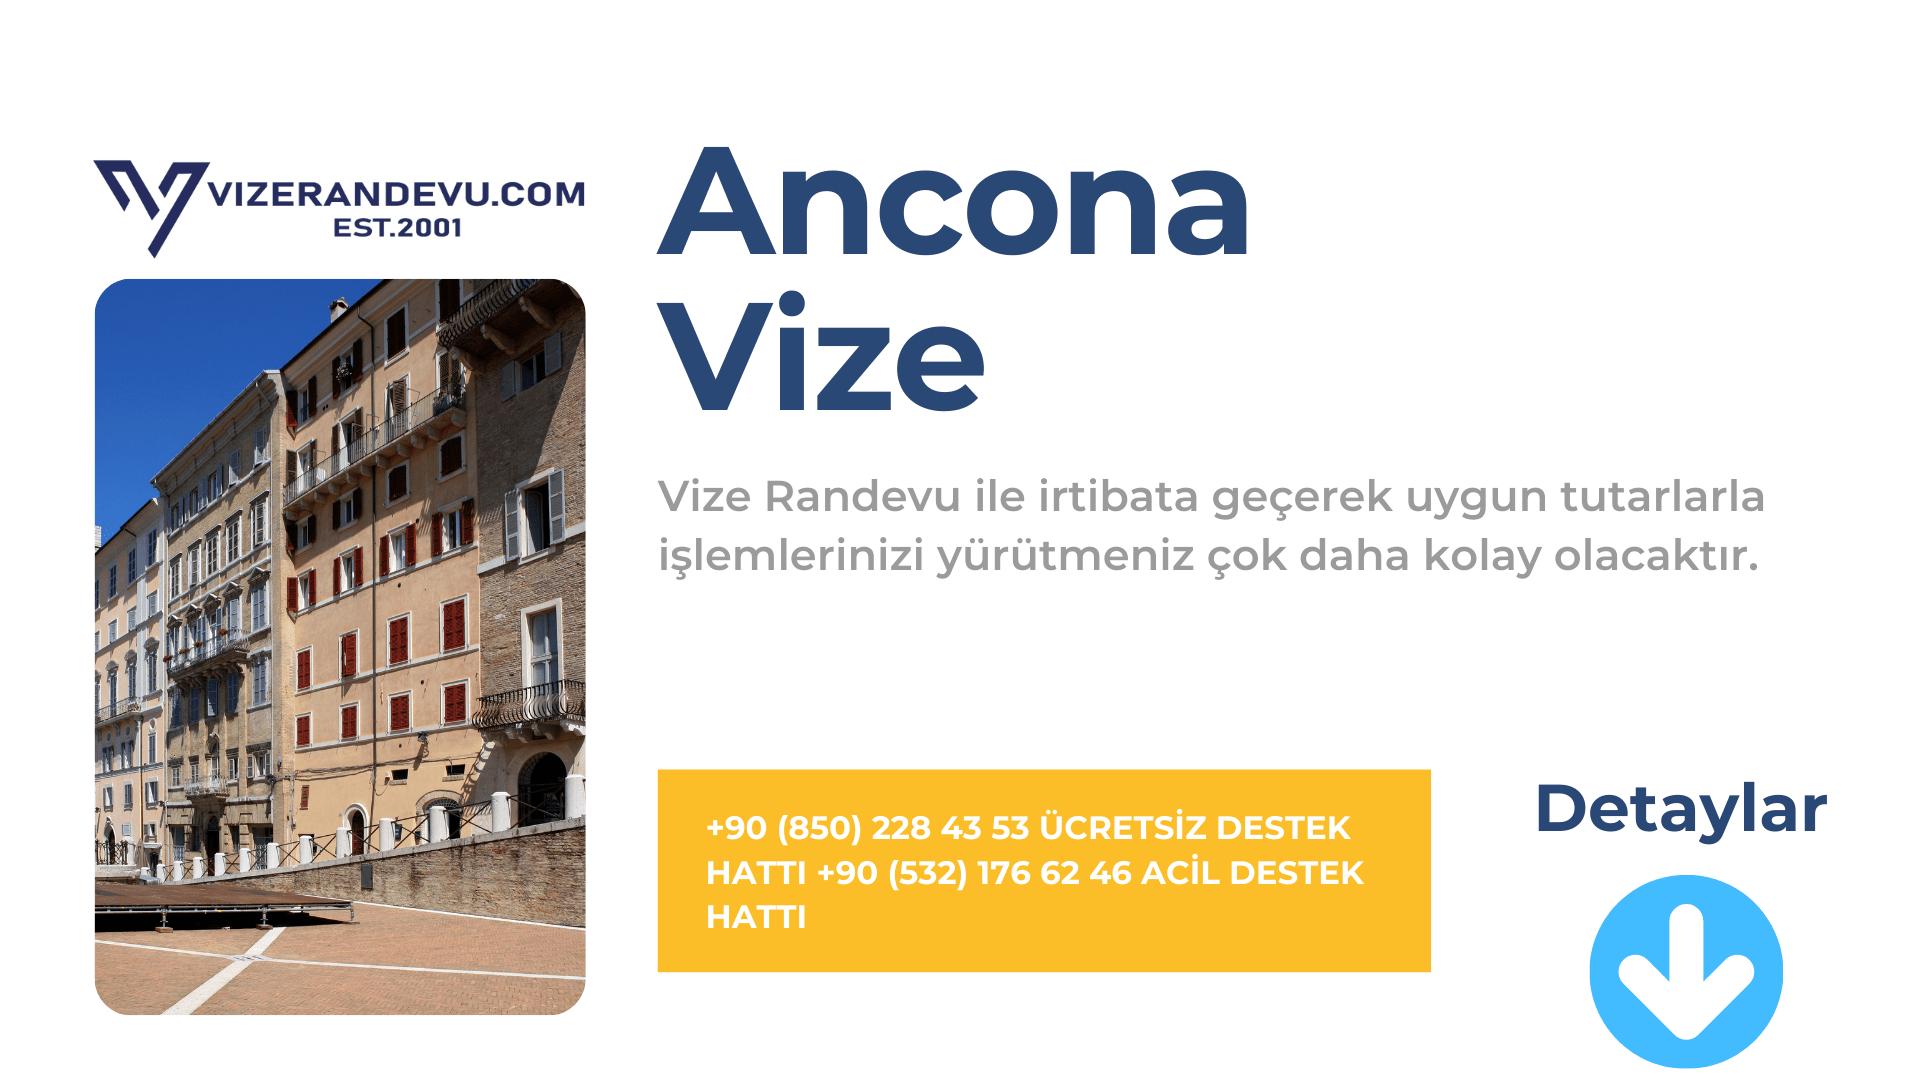 İtalya Ancona Vize Başvurusu